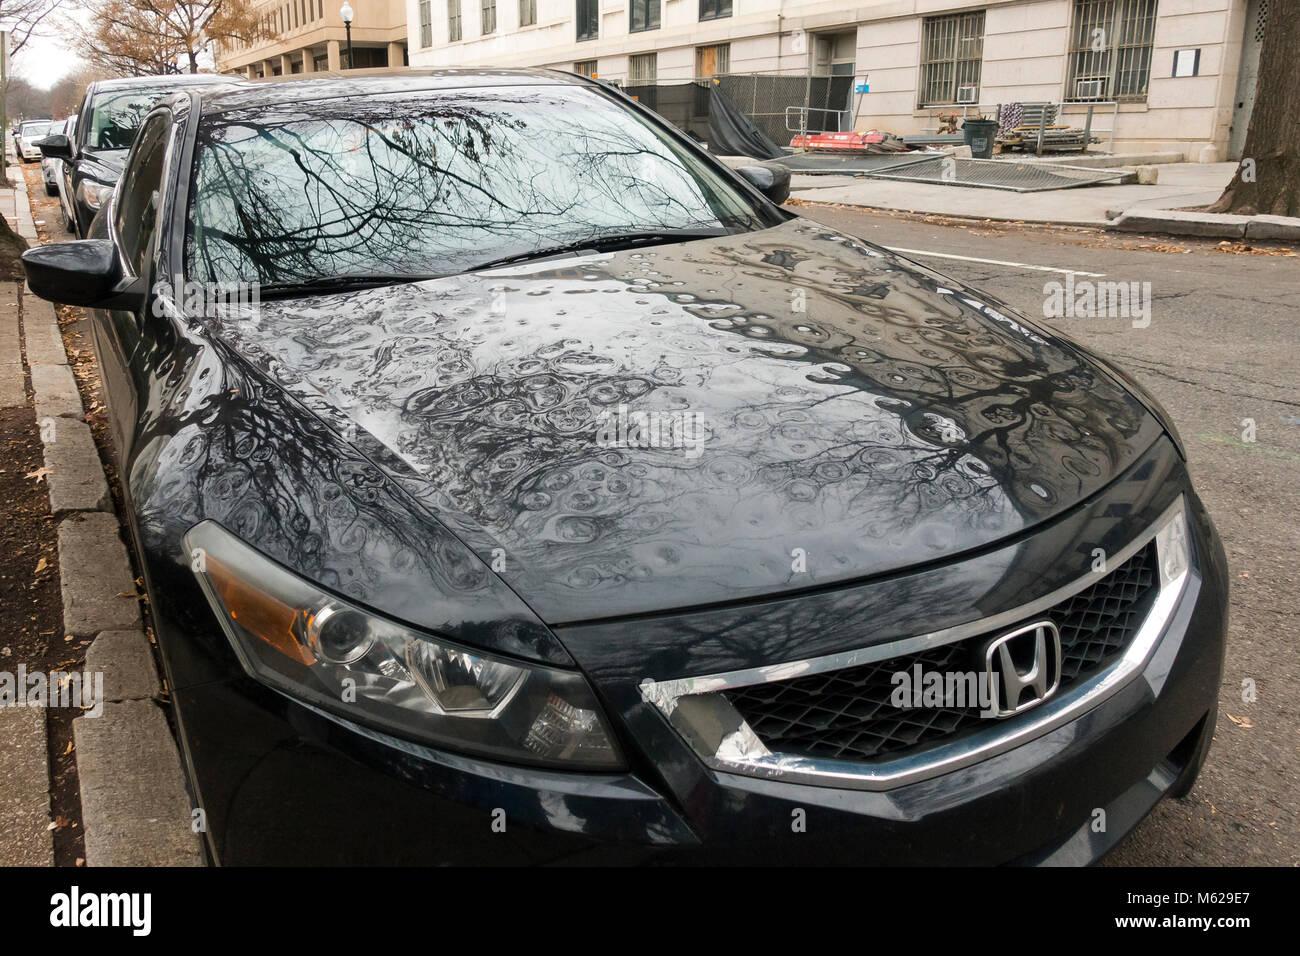 Hail Damage Car >> Hail Damage Car Stock Photos Hail Damage Car Stock Images